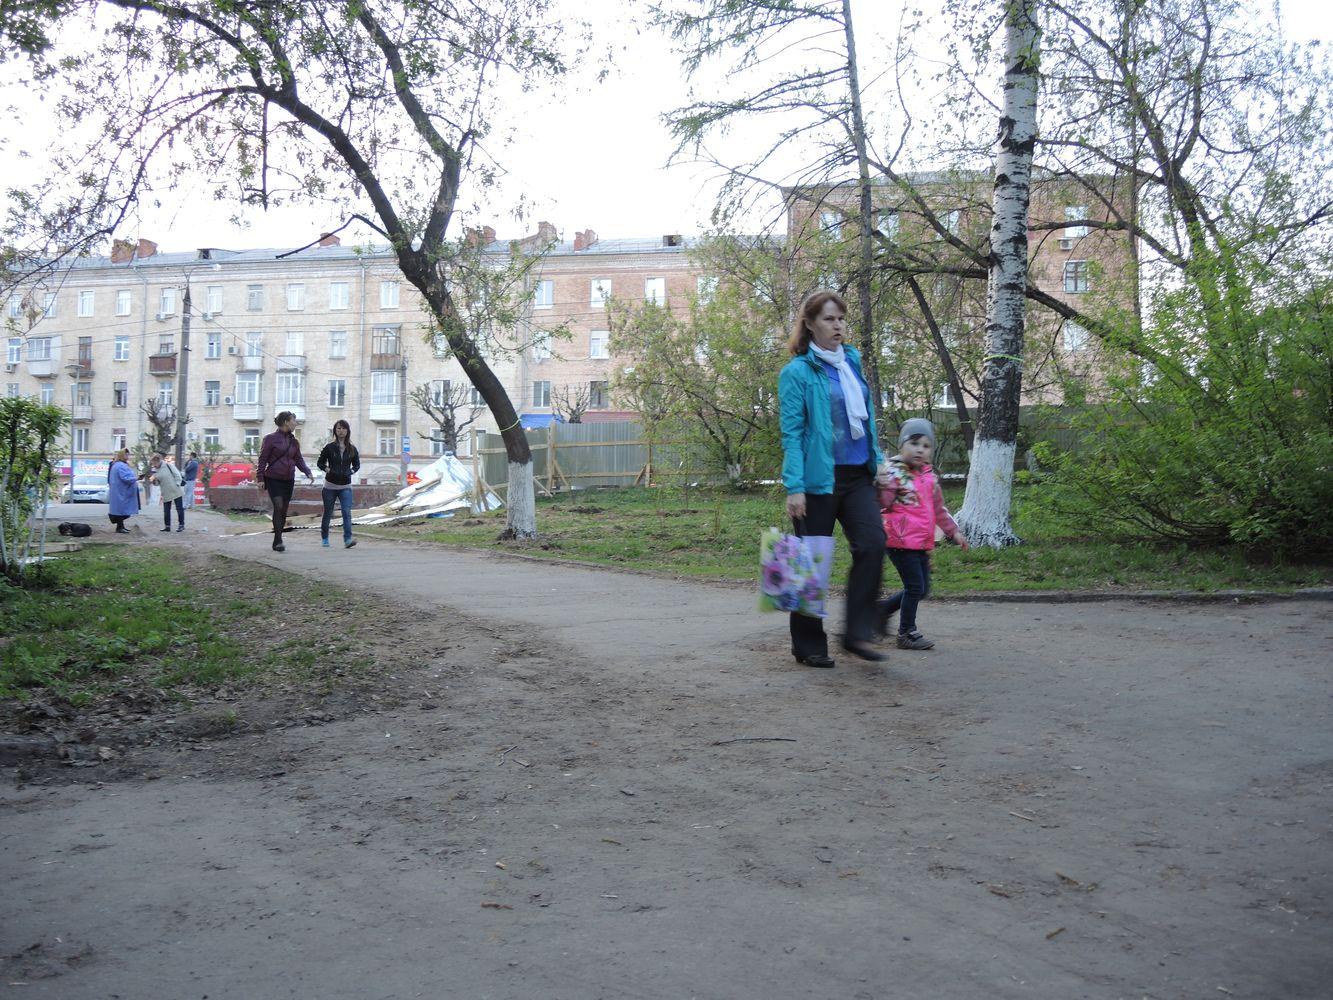 Проторенная кем-то дорожка через сквер, огражденный забором. Фото ©День.org